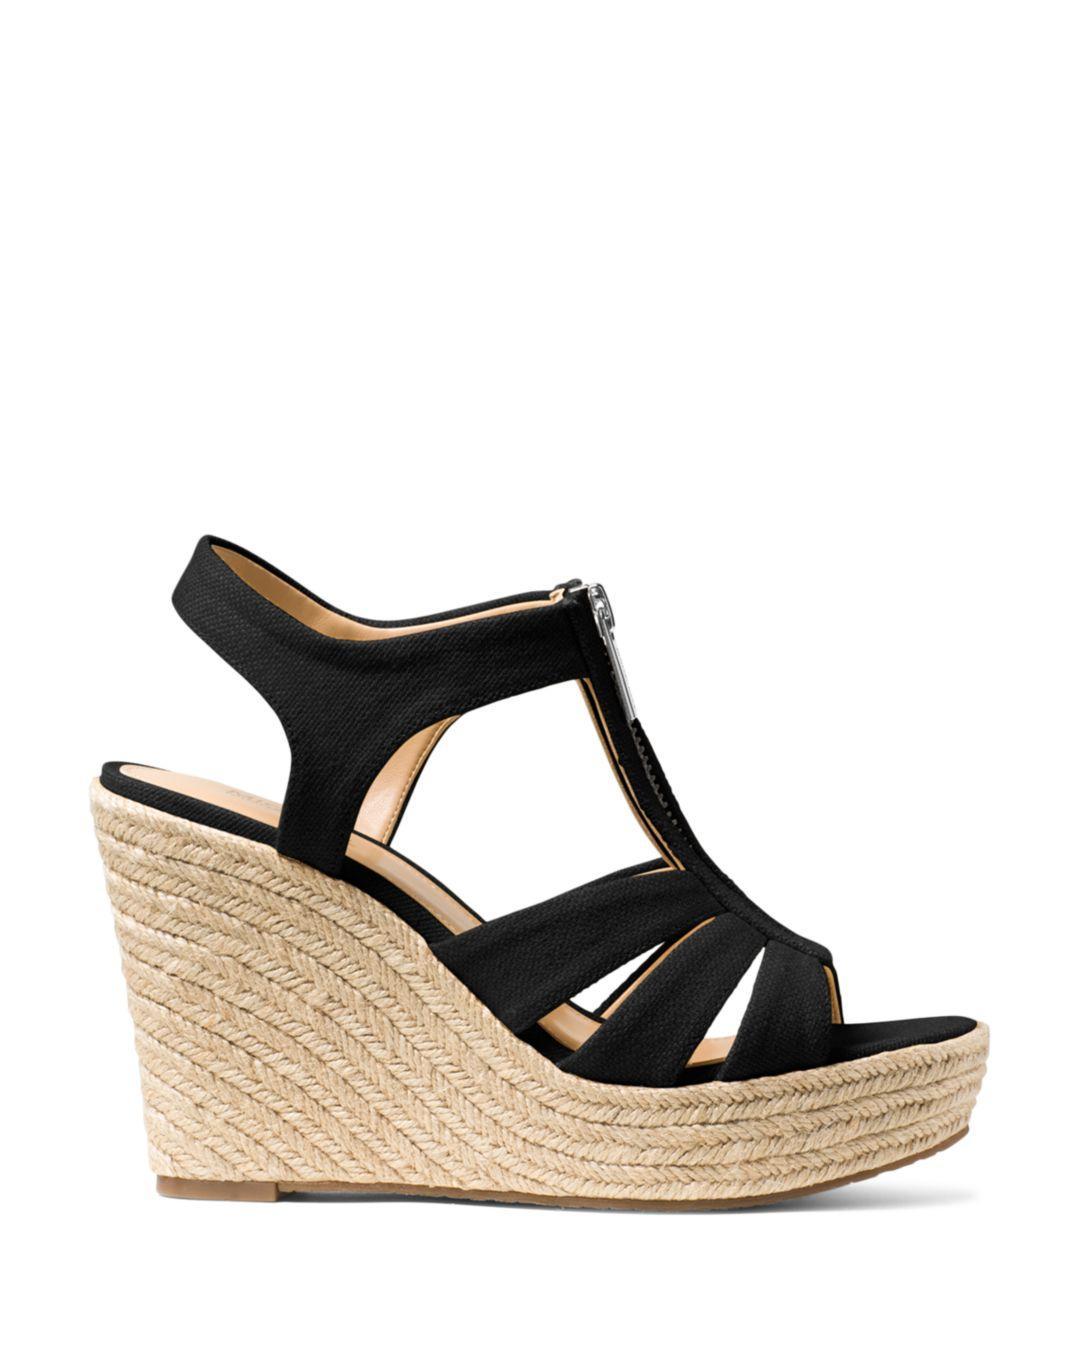 45c0789b887 MICHAEL Michael Kors Women's Berkley Woven Espadrille Wedge Sandals ...